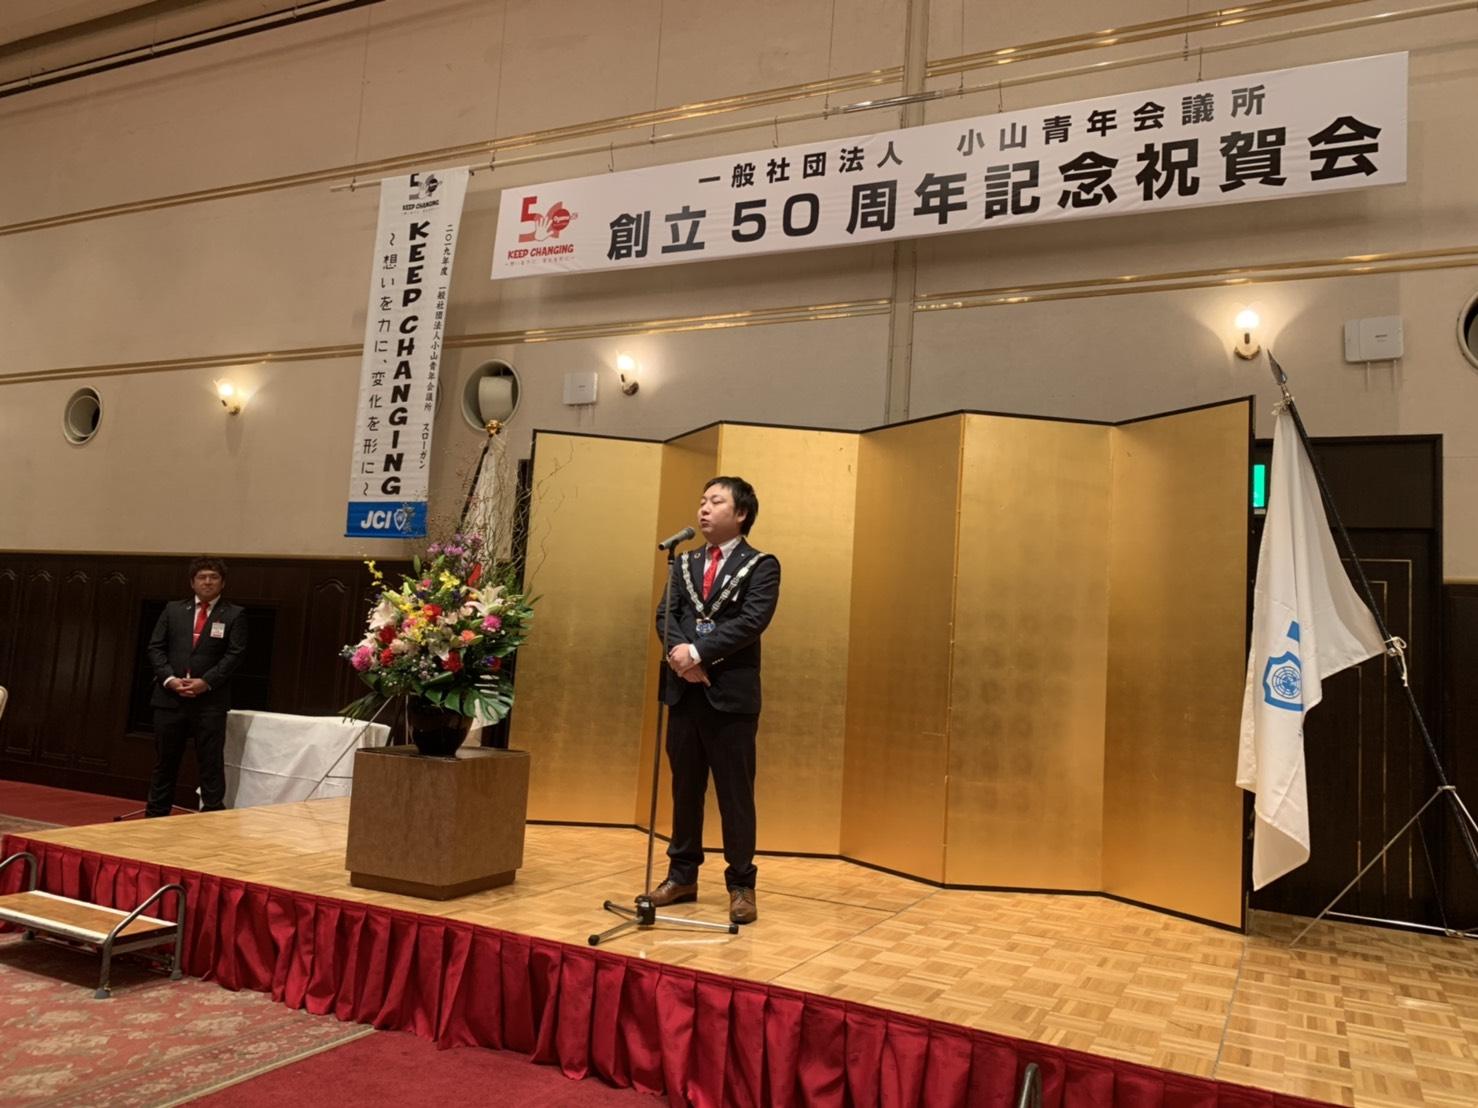 小山青年会議所50周年記念式典に出席させていただきました。